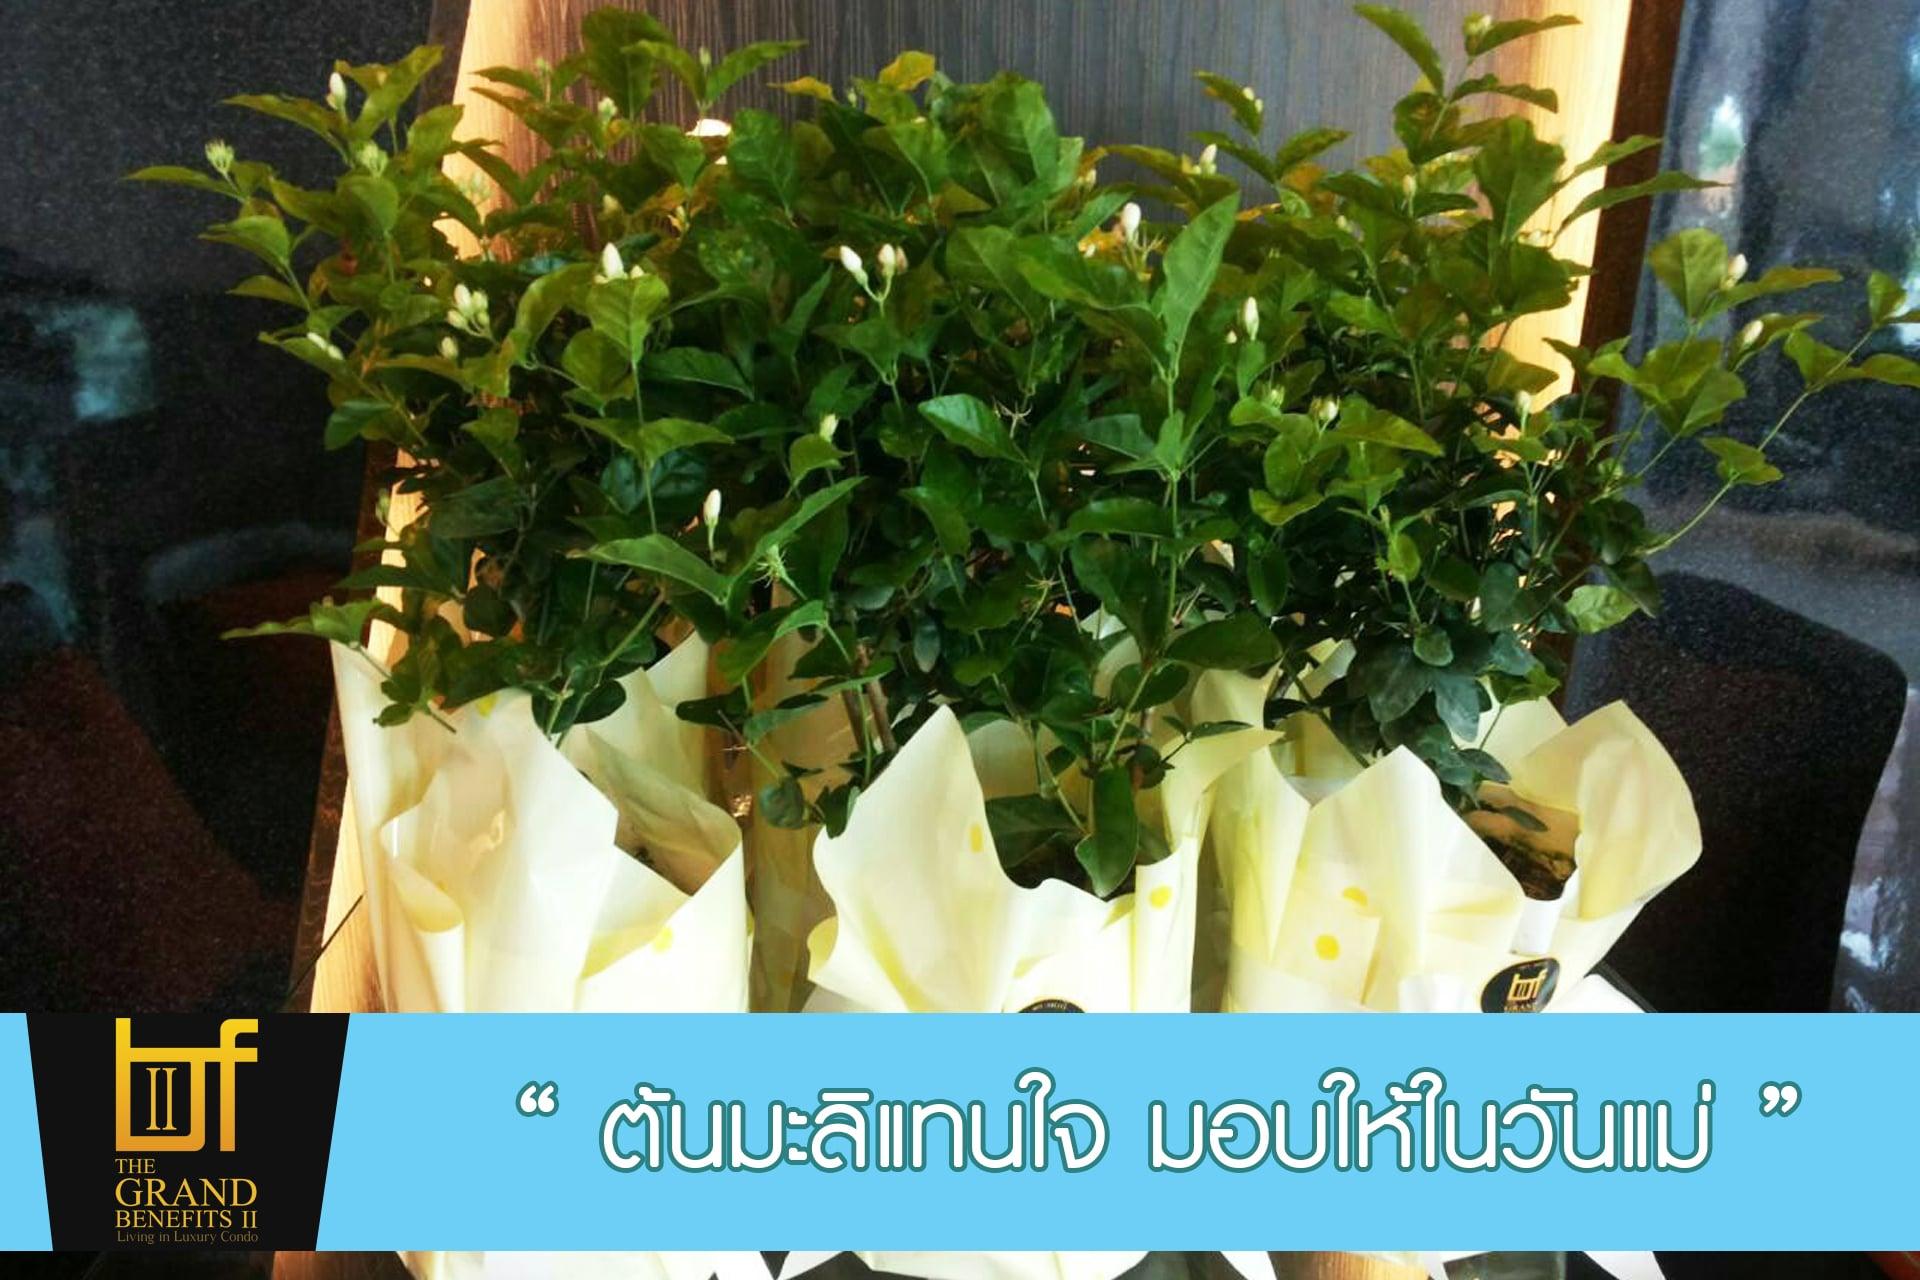 ฟรี !! ต้นมะลิแทนใจ มอบให้ในวันแม่